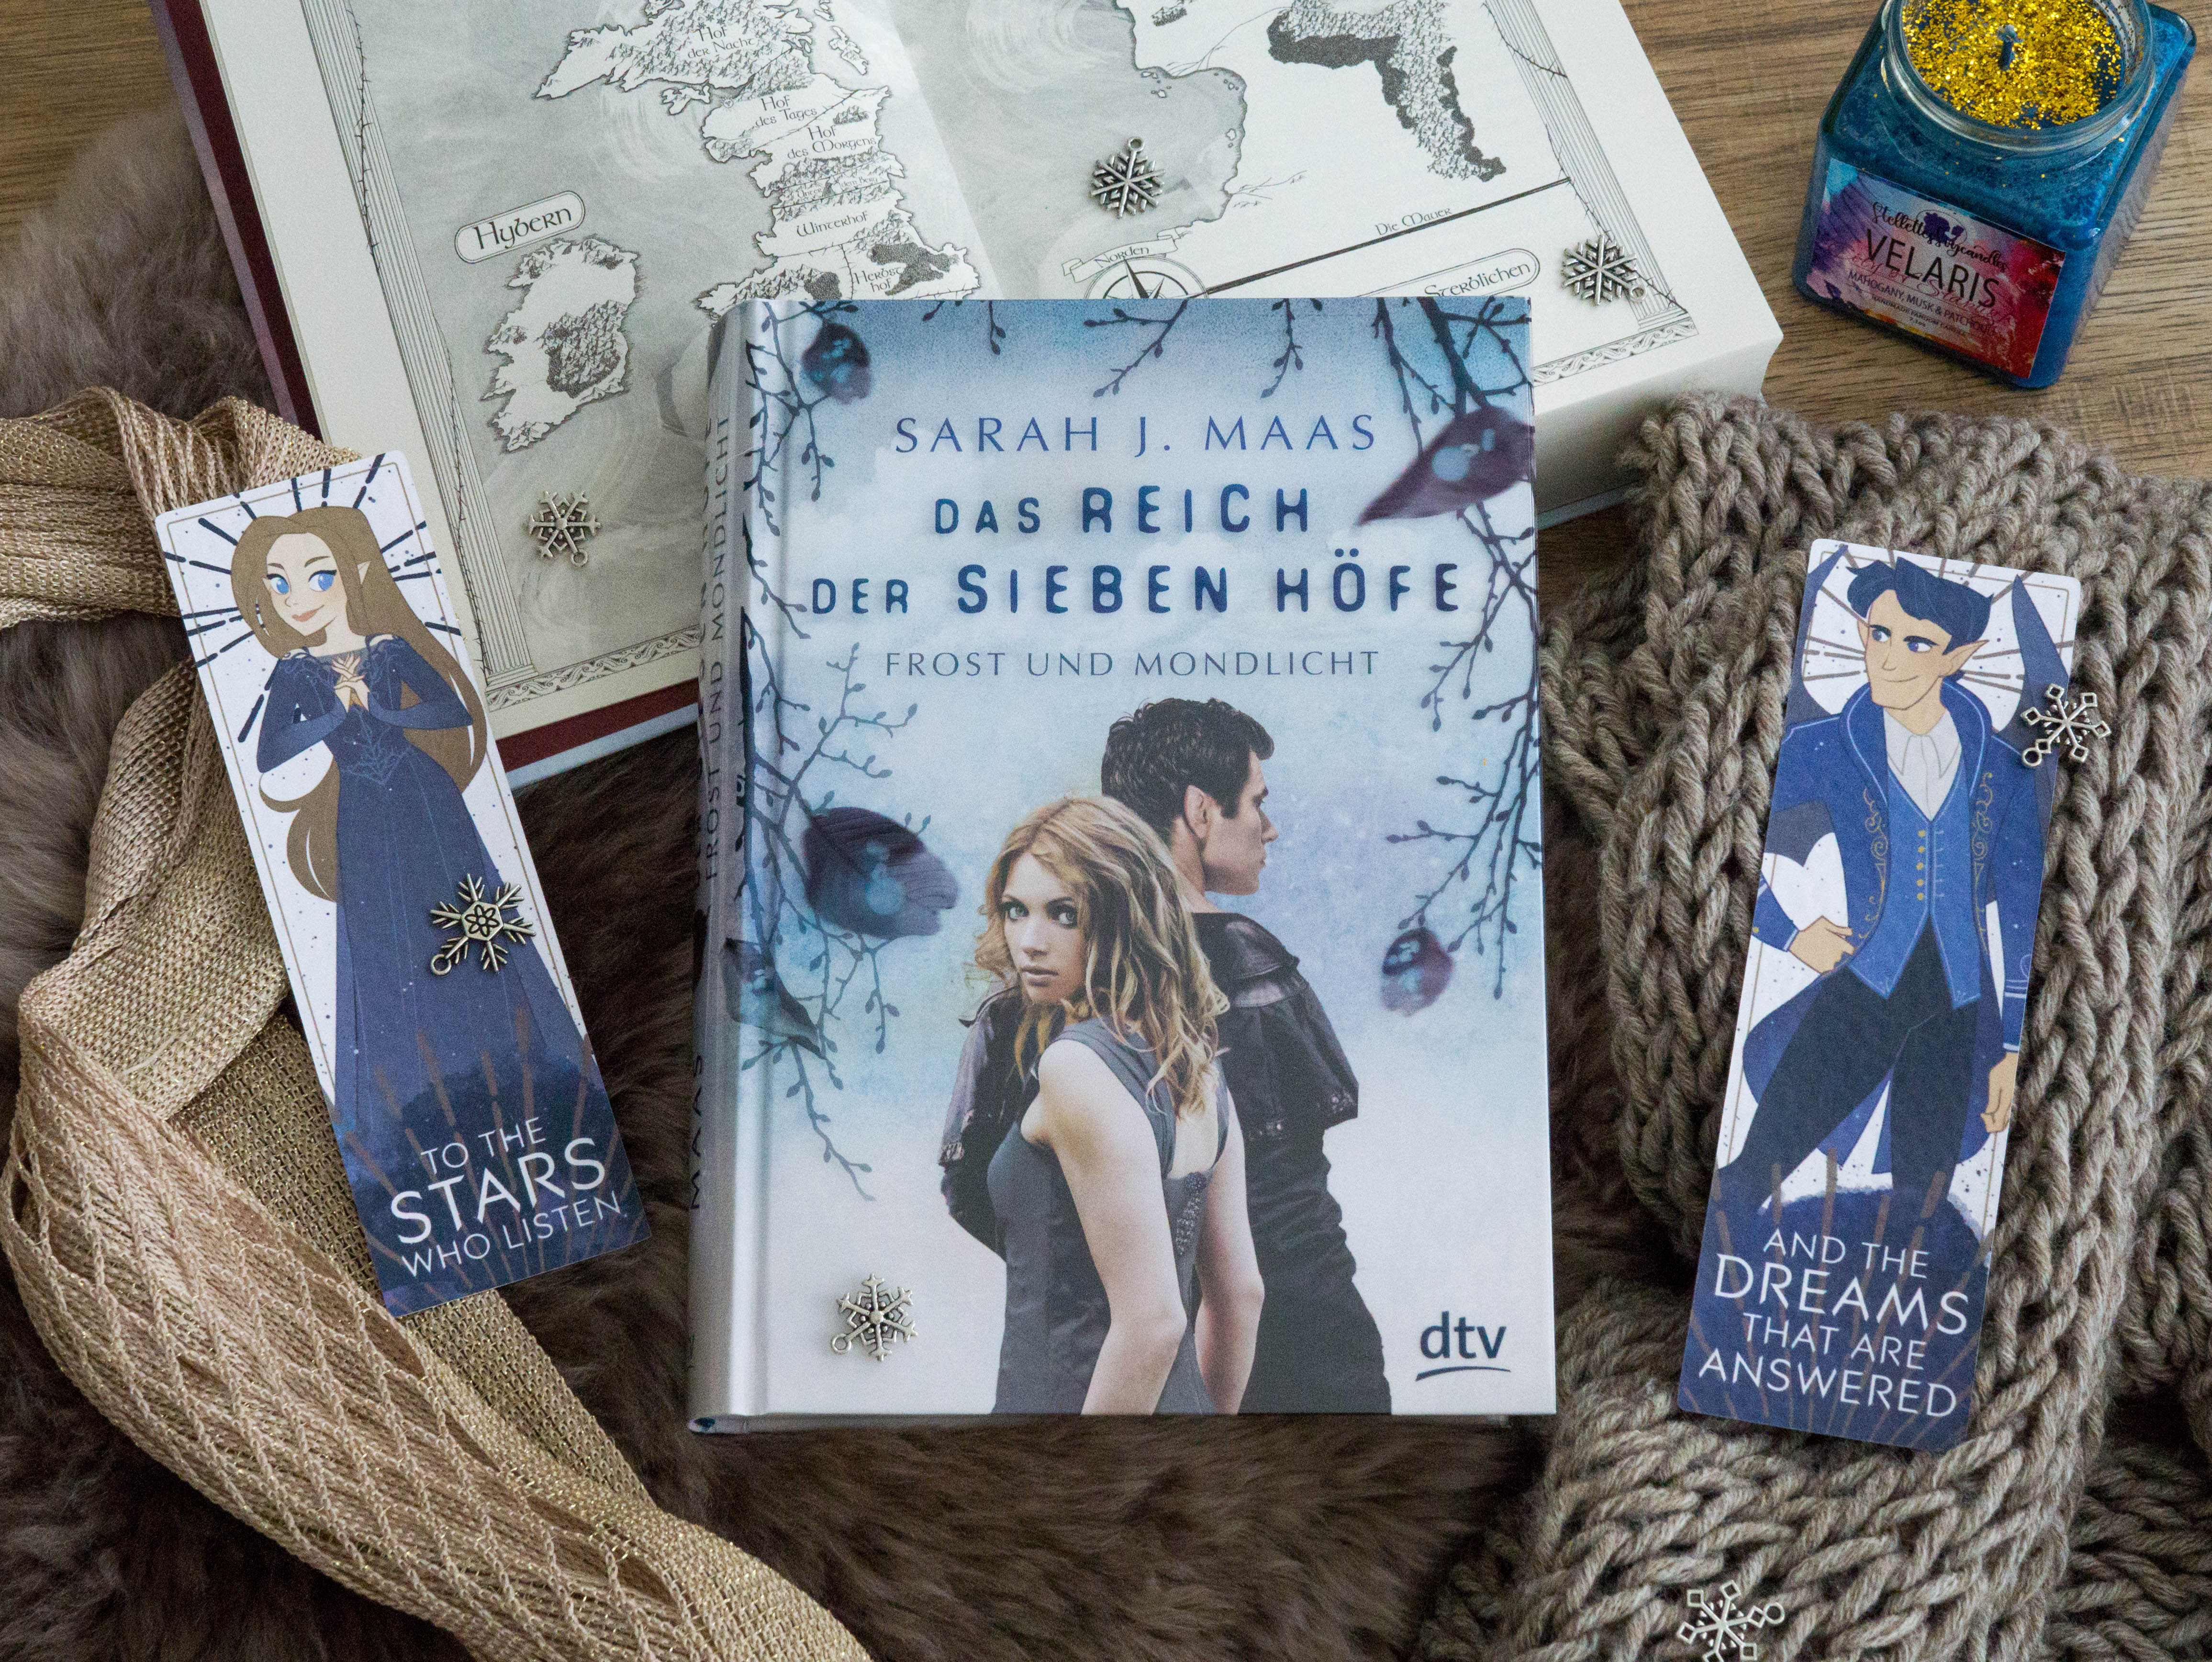 Das Reich der sieben Höfe: Frost und Mondlicht – Sarah J. Maas